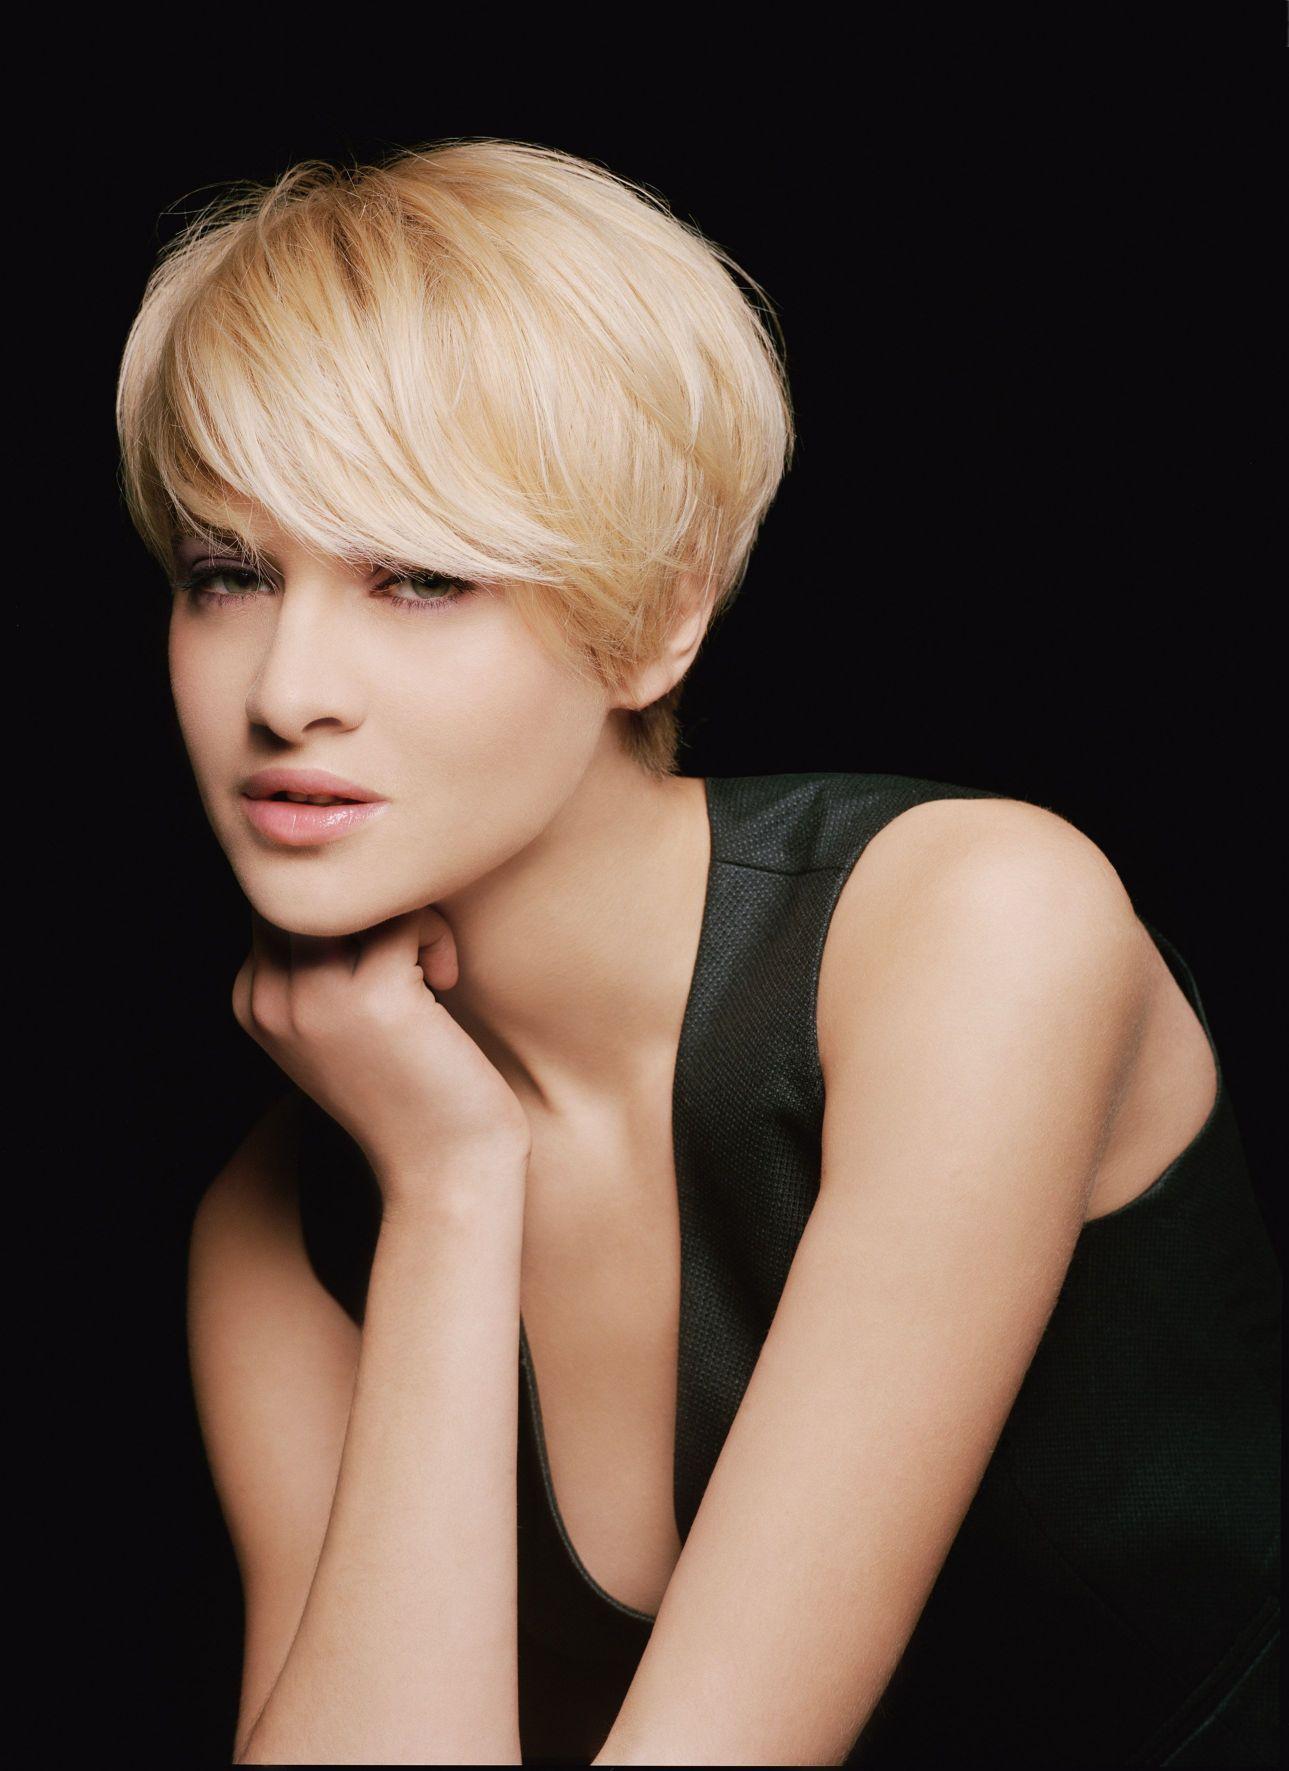 Blonde Frisuren Kurze Haare Pinterest Frisuren Kurzes Haar